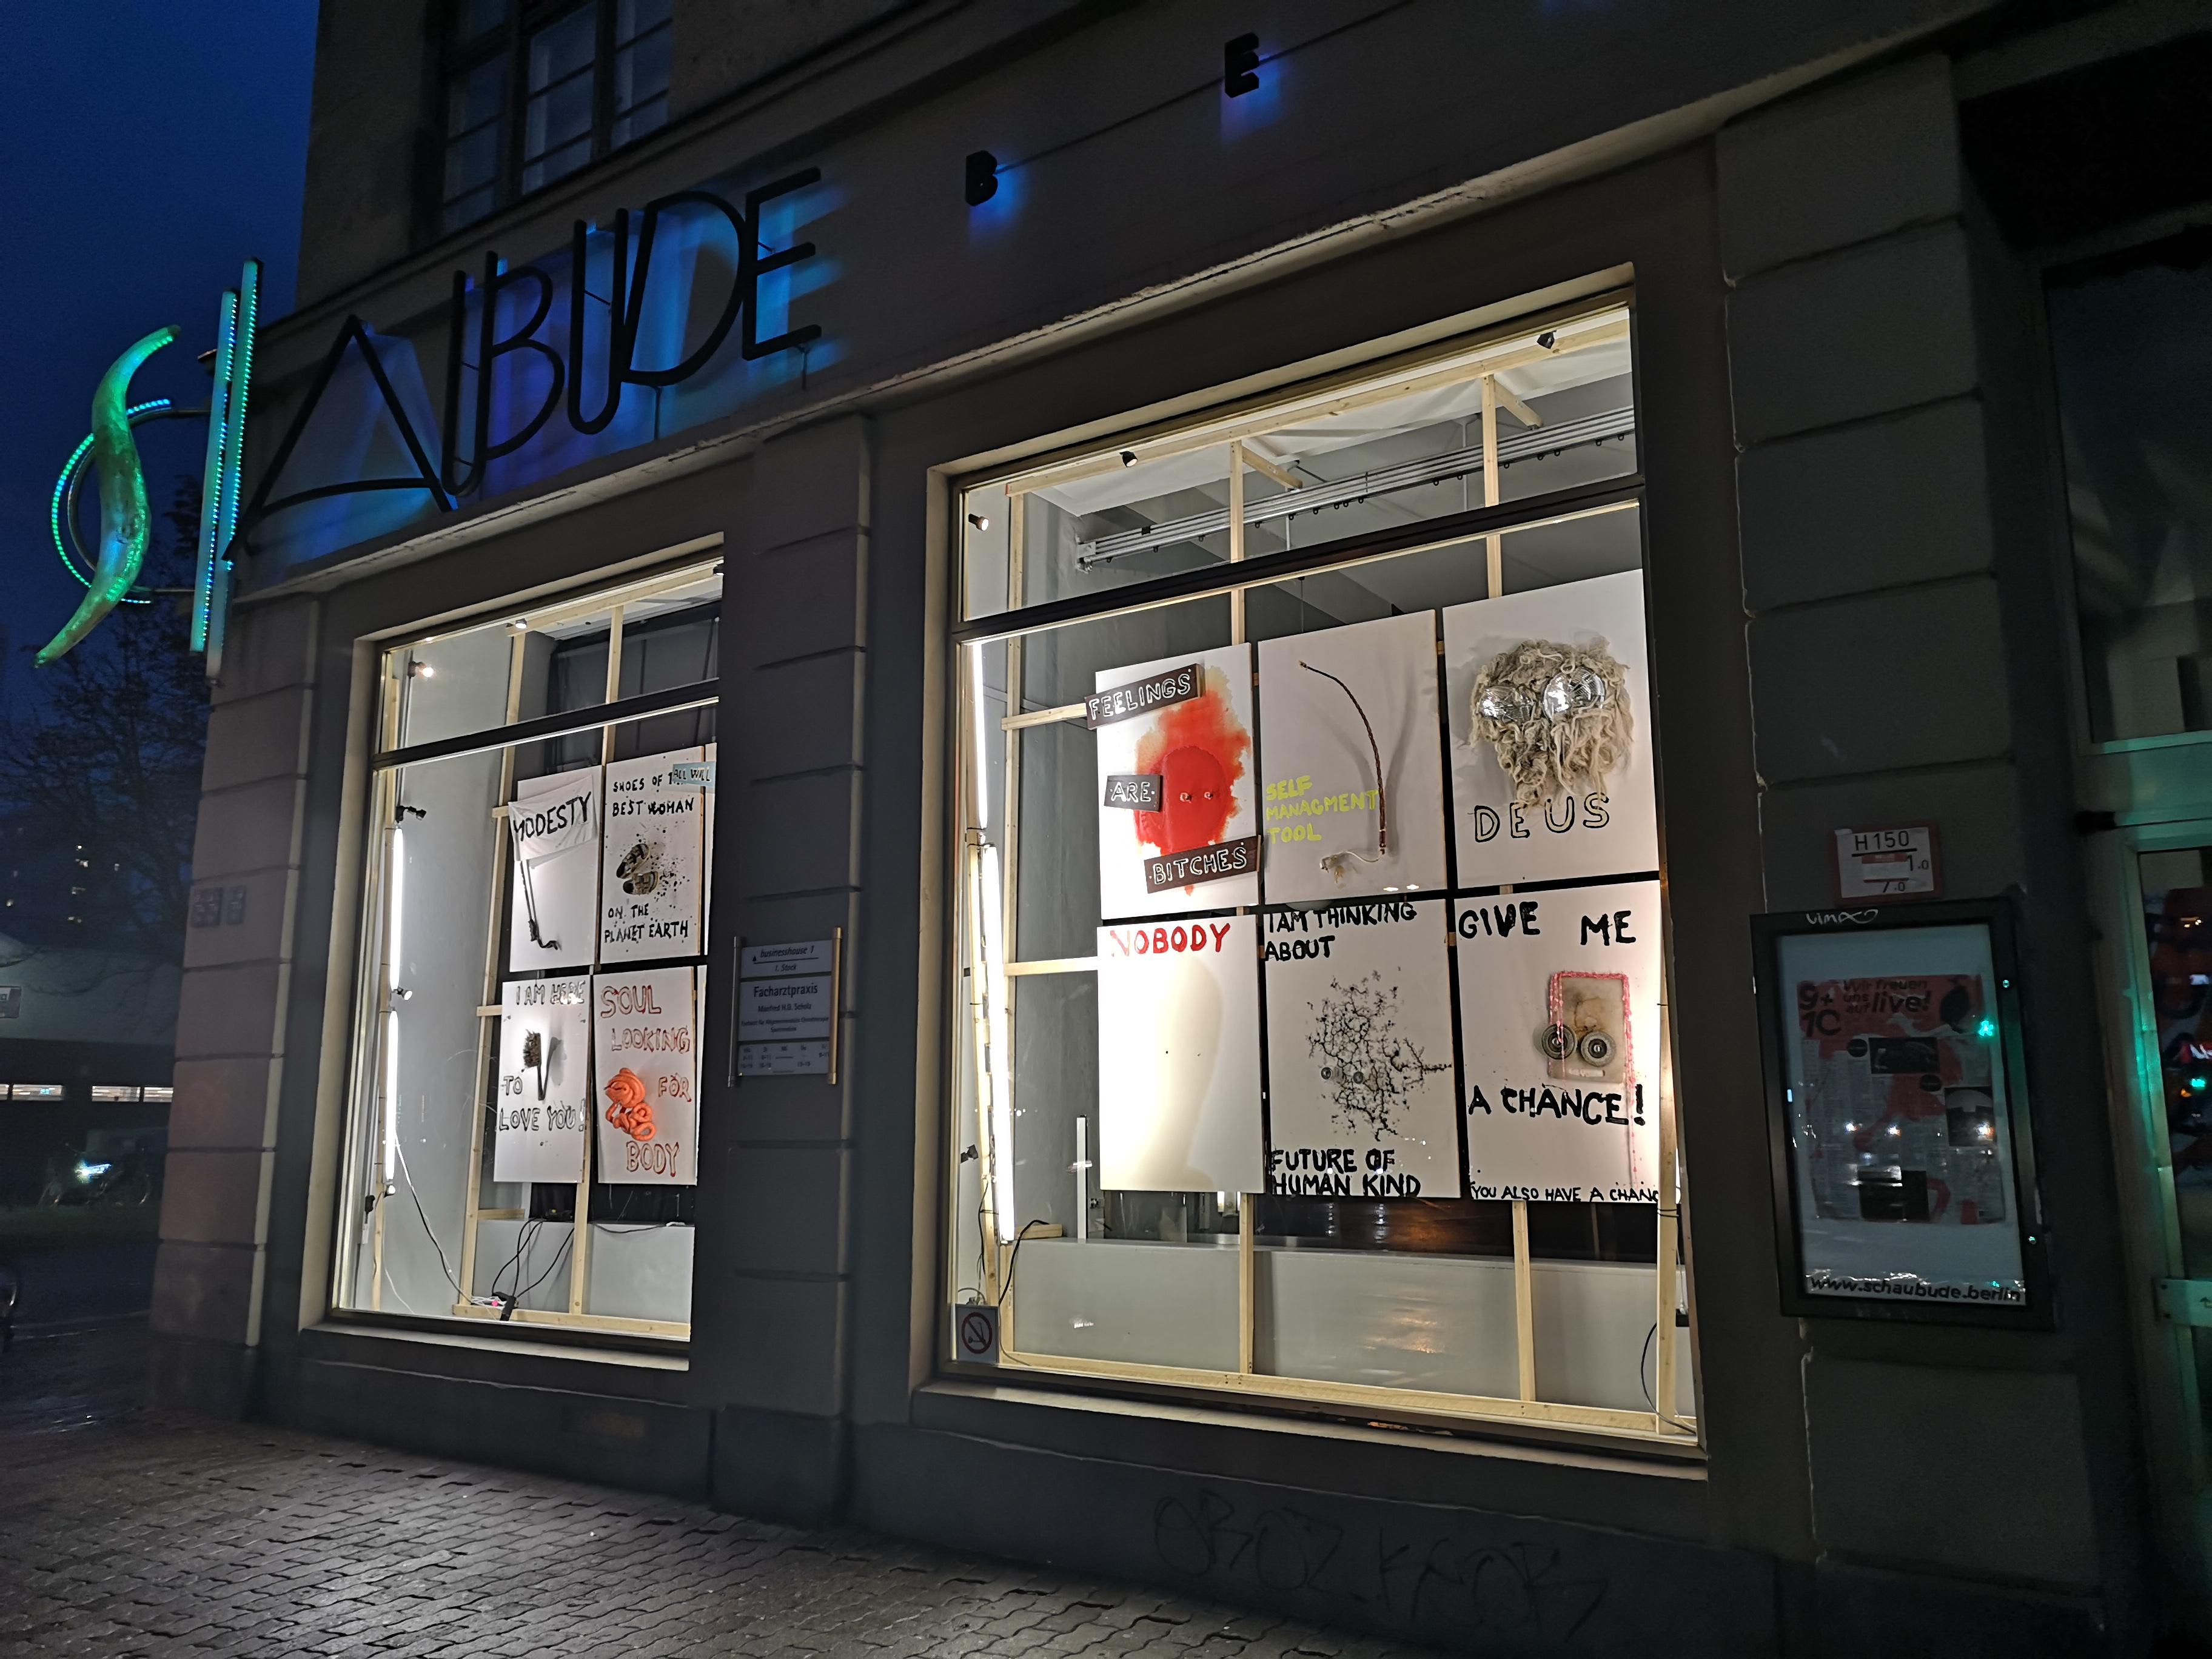 Fassade der Schaubude Berlin mit neuer Fensterausstellung